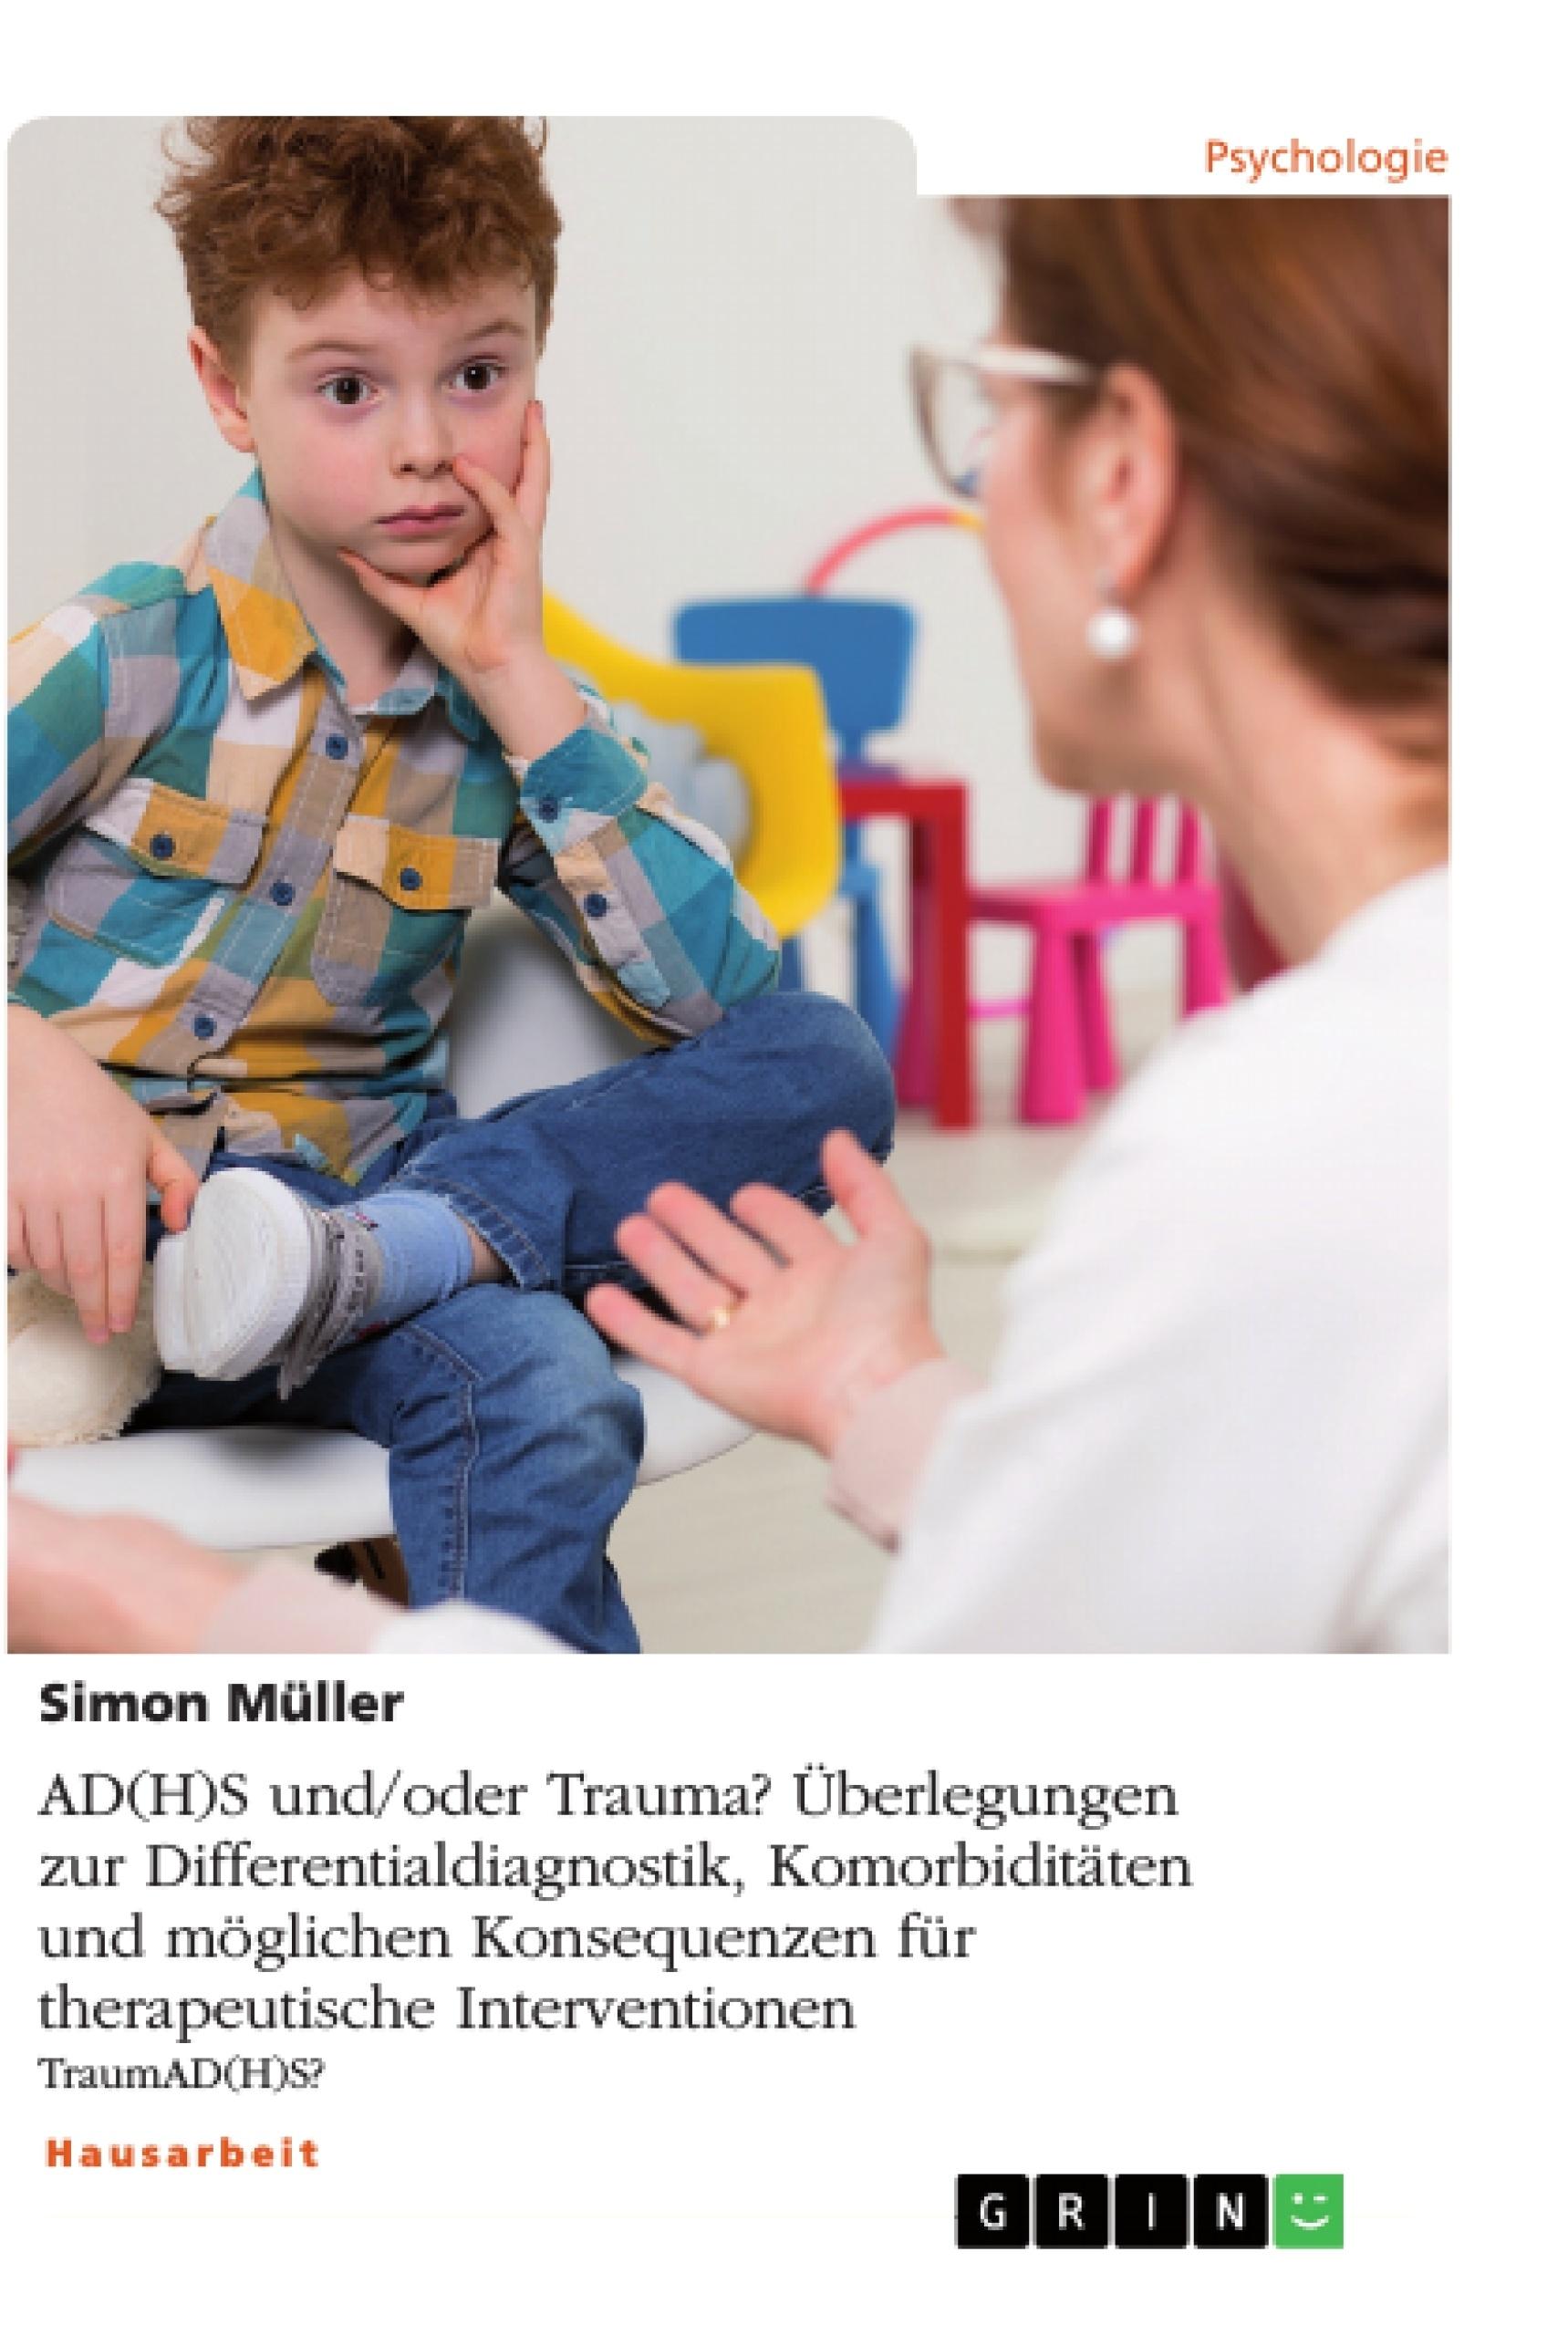 Titel: AD(H)S und/oder Trauma? Überlegungen zur Differentialdiagnostik, Komorbiditäten und möglichen Konsequenzen für therapeutische Interventionen